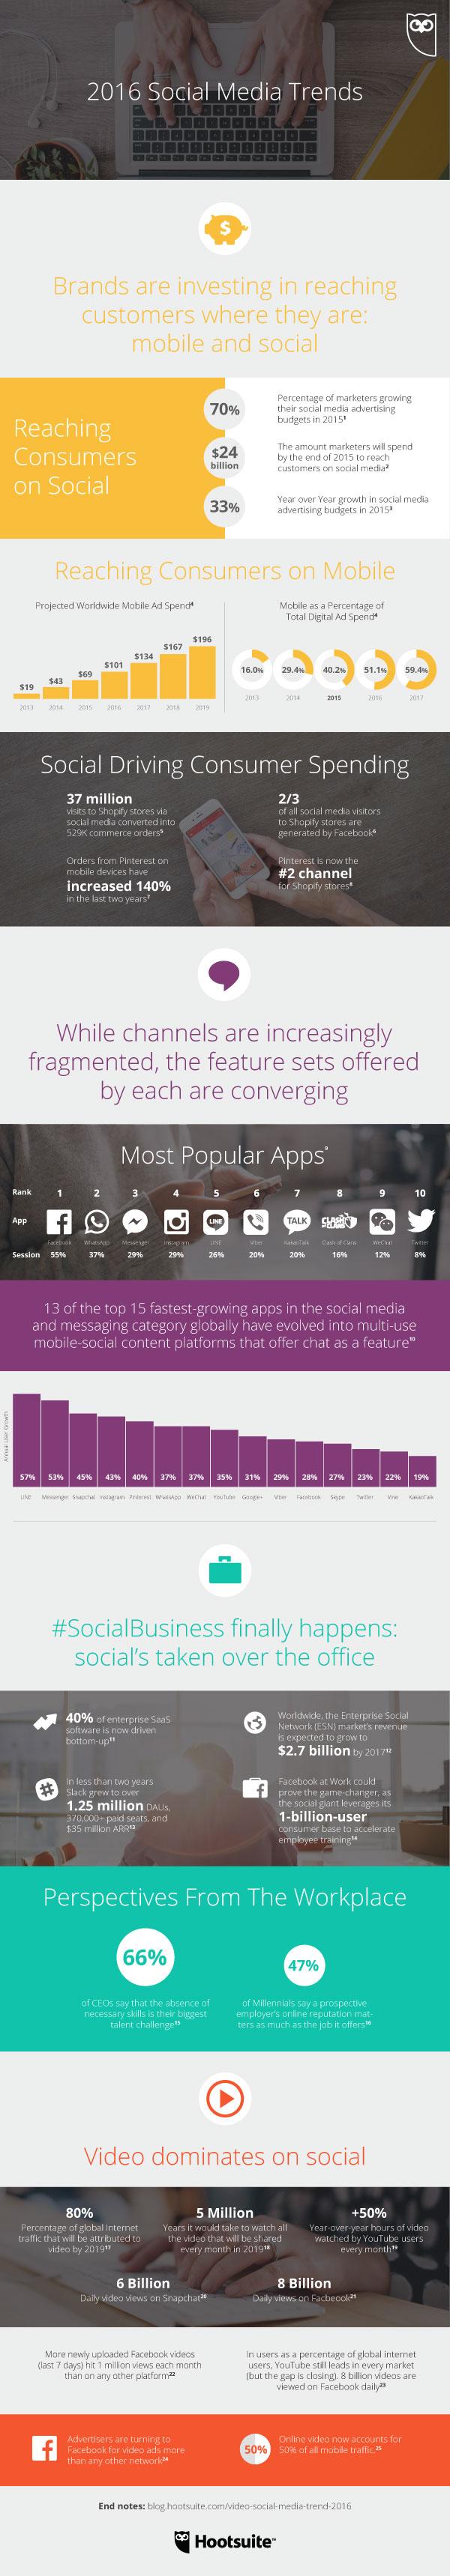 6 Social Media Trends of 2016